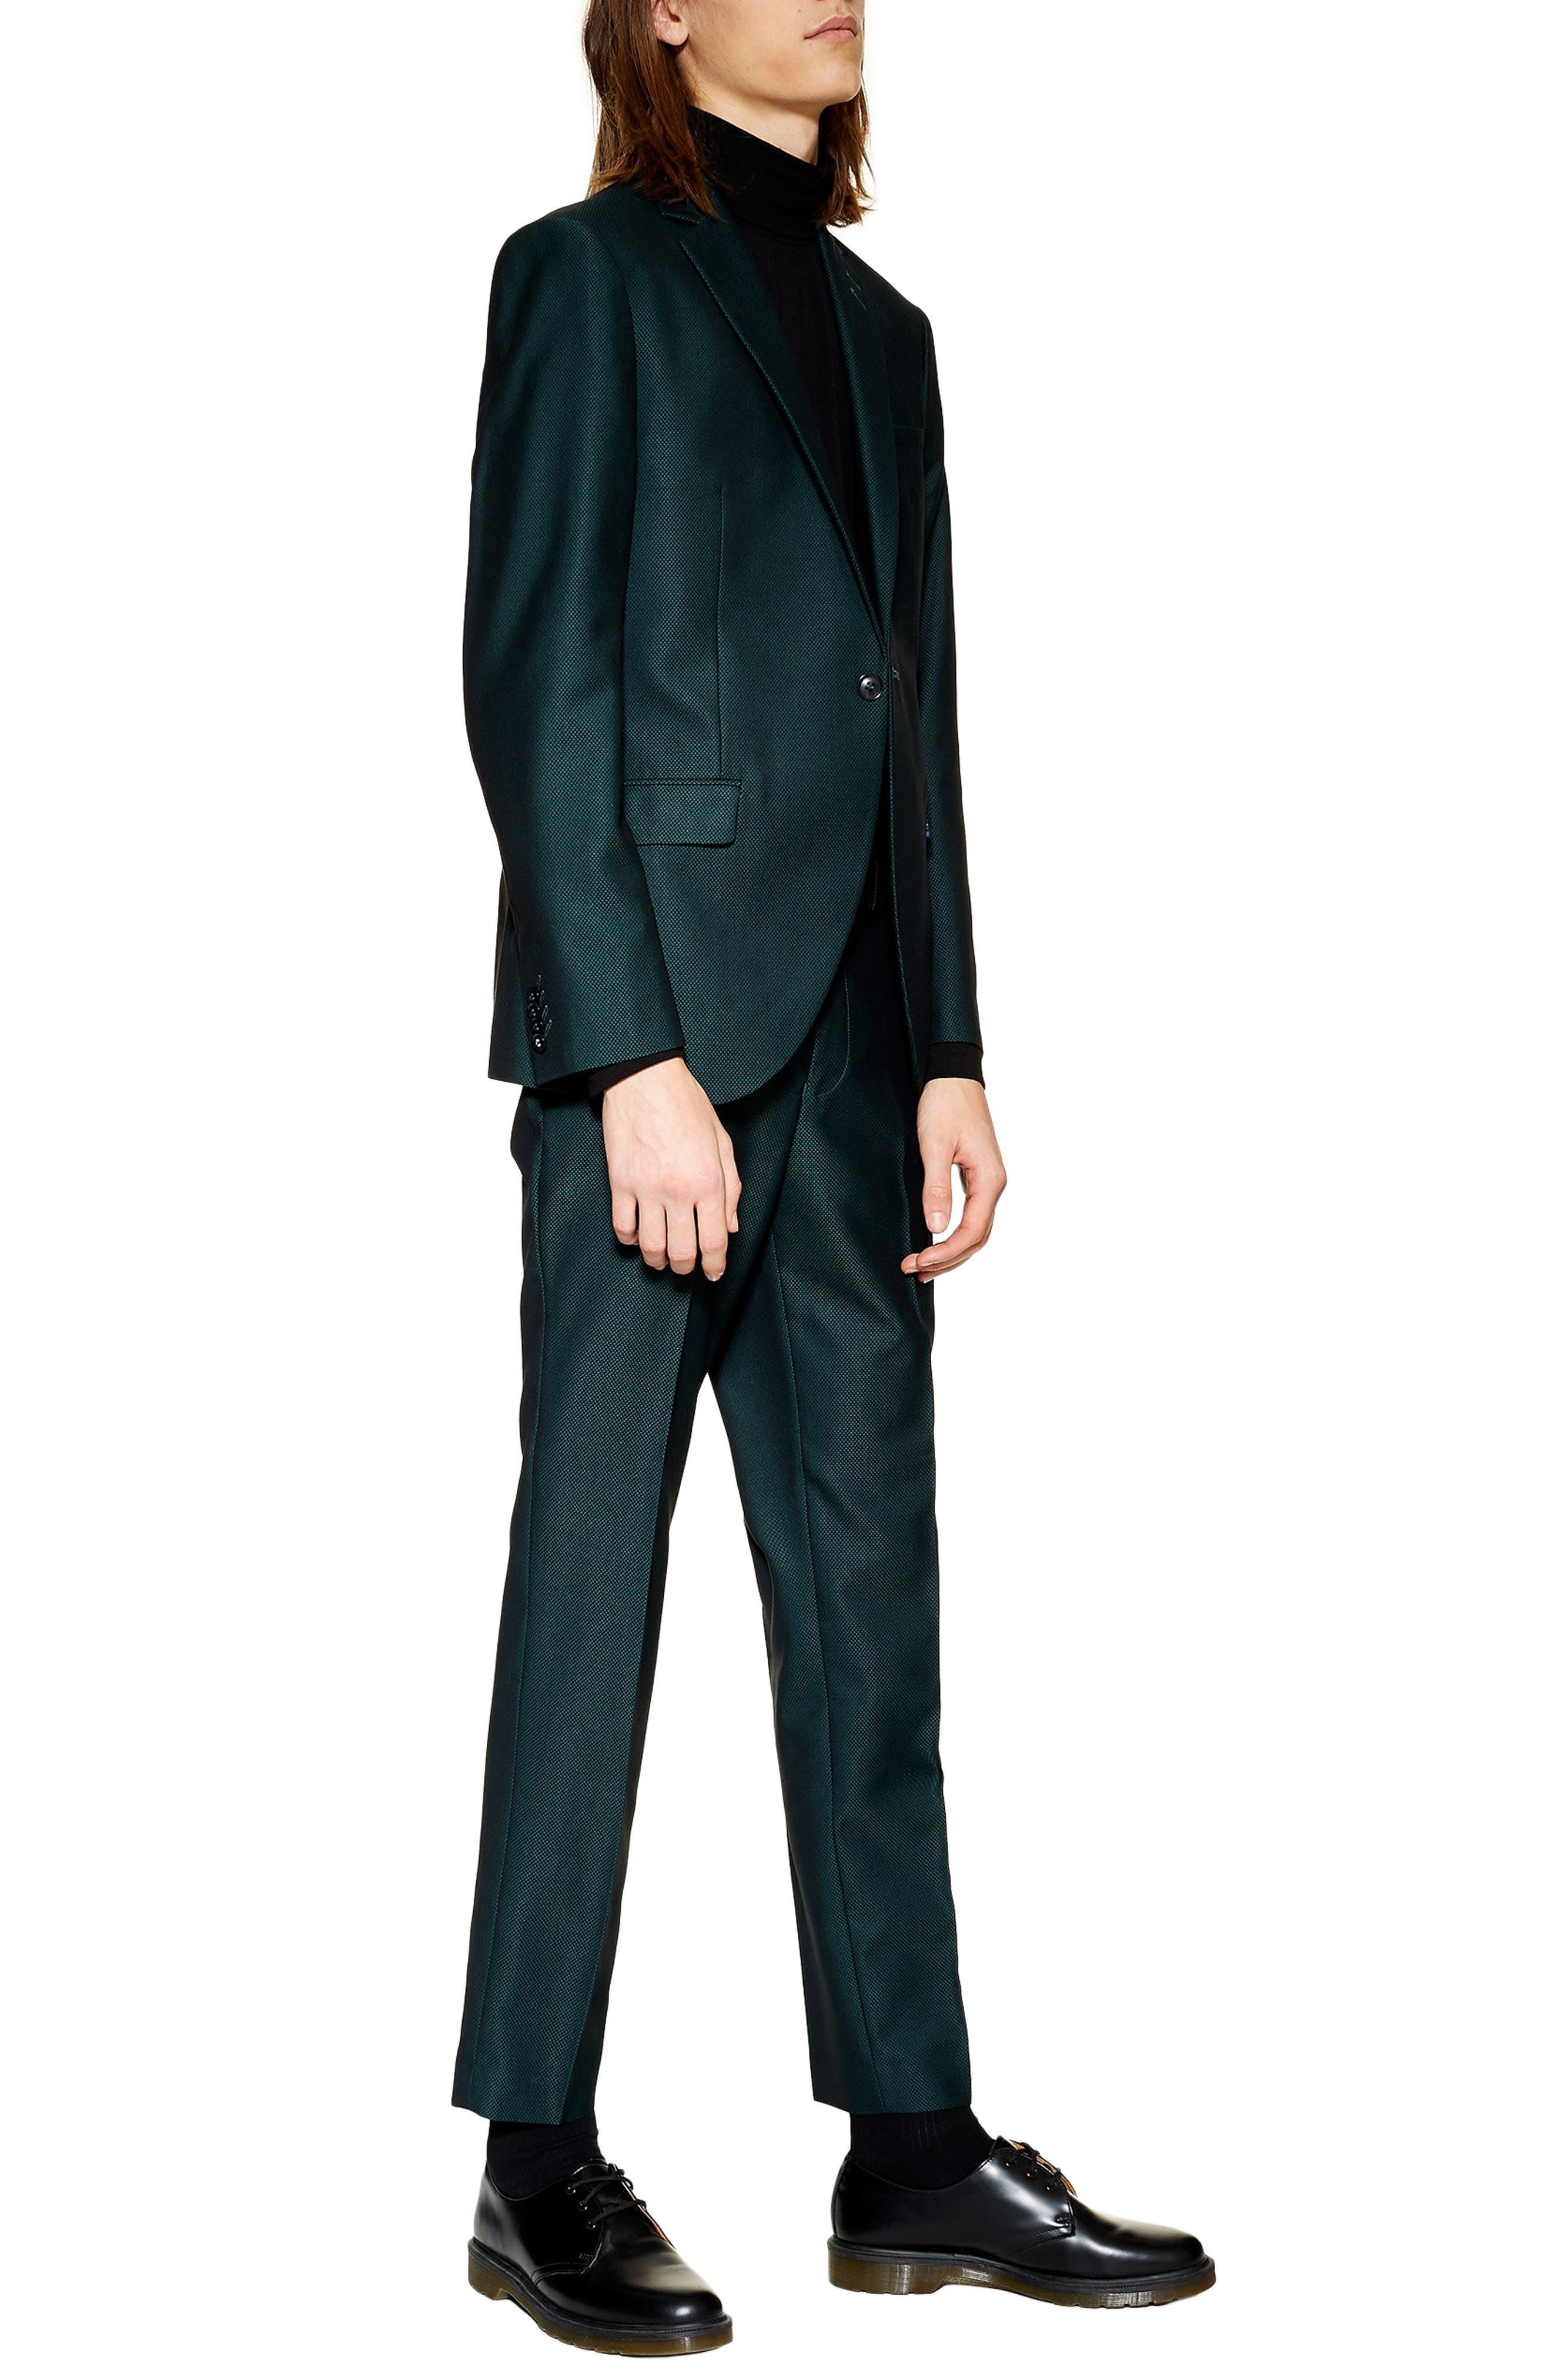 TOPMAN, Banbury Slim Fit Suit Trousers, Alternate thumbnail 3, color, 300